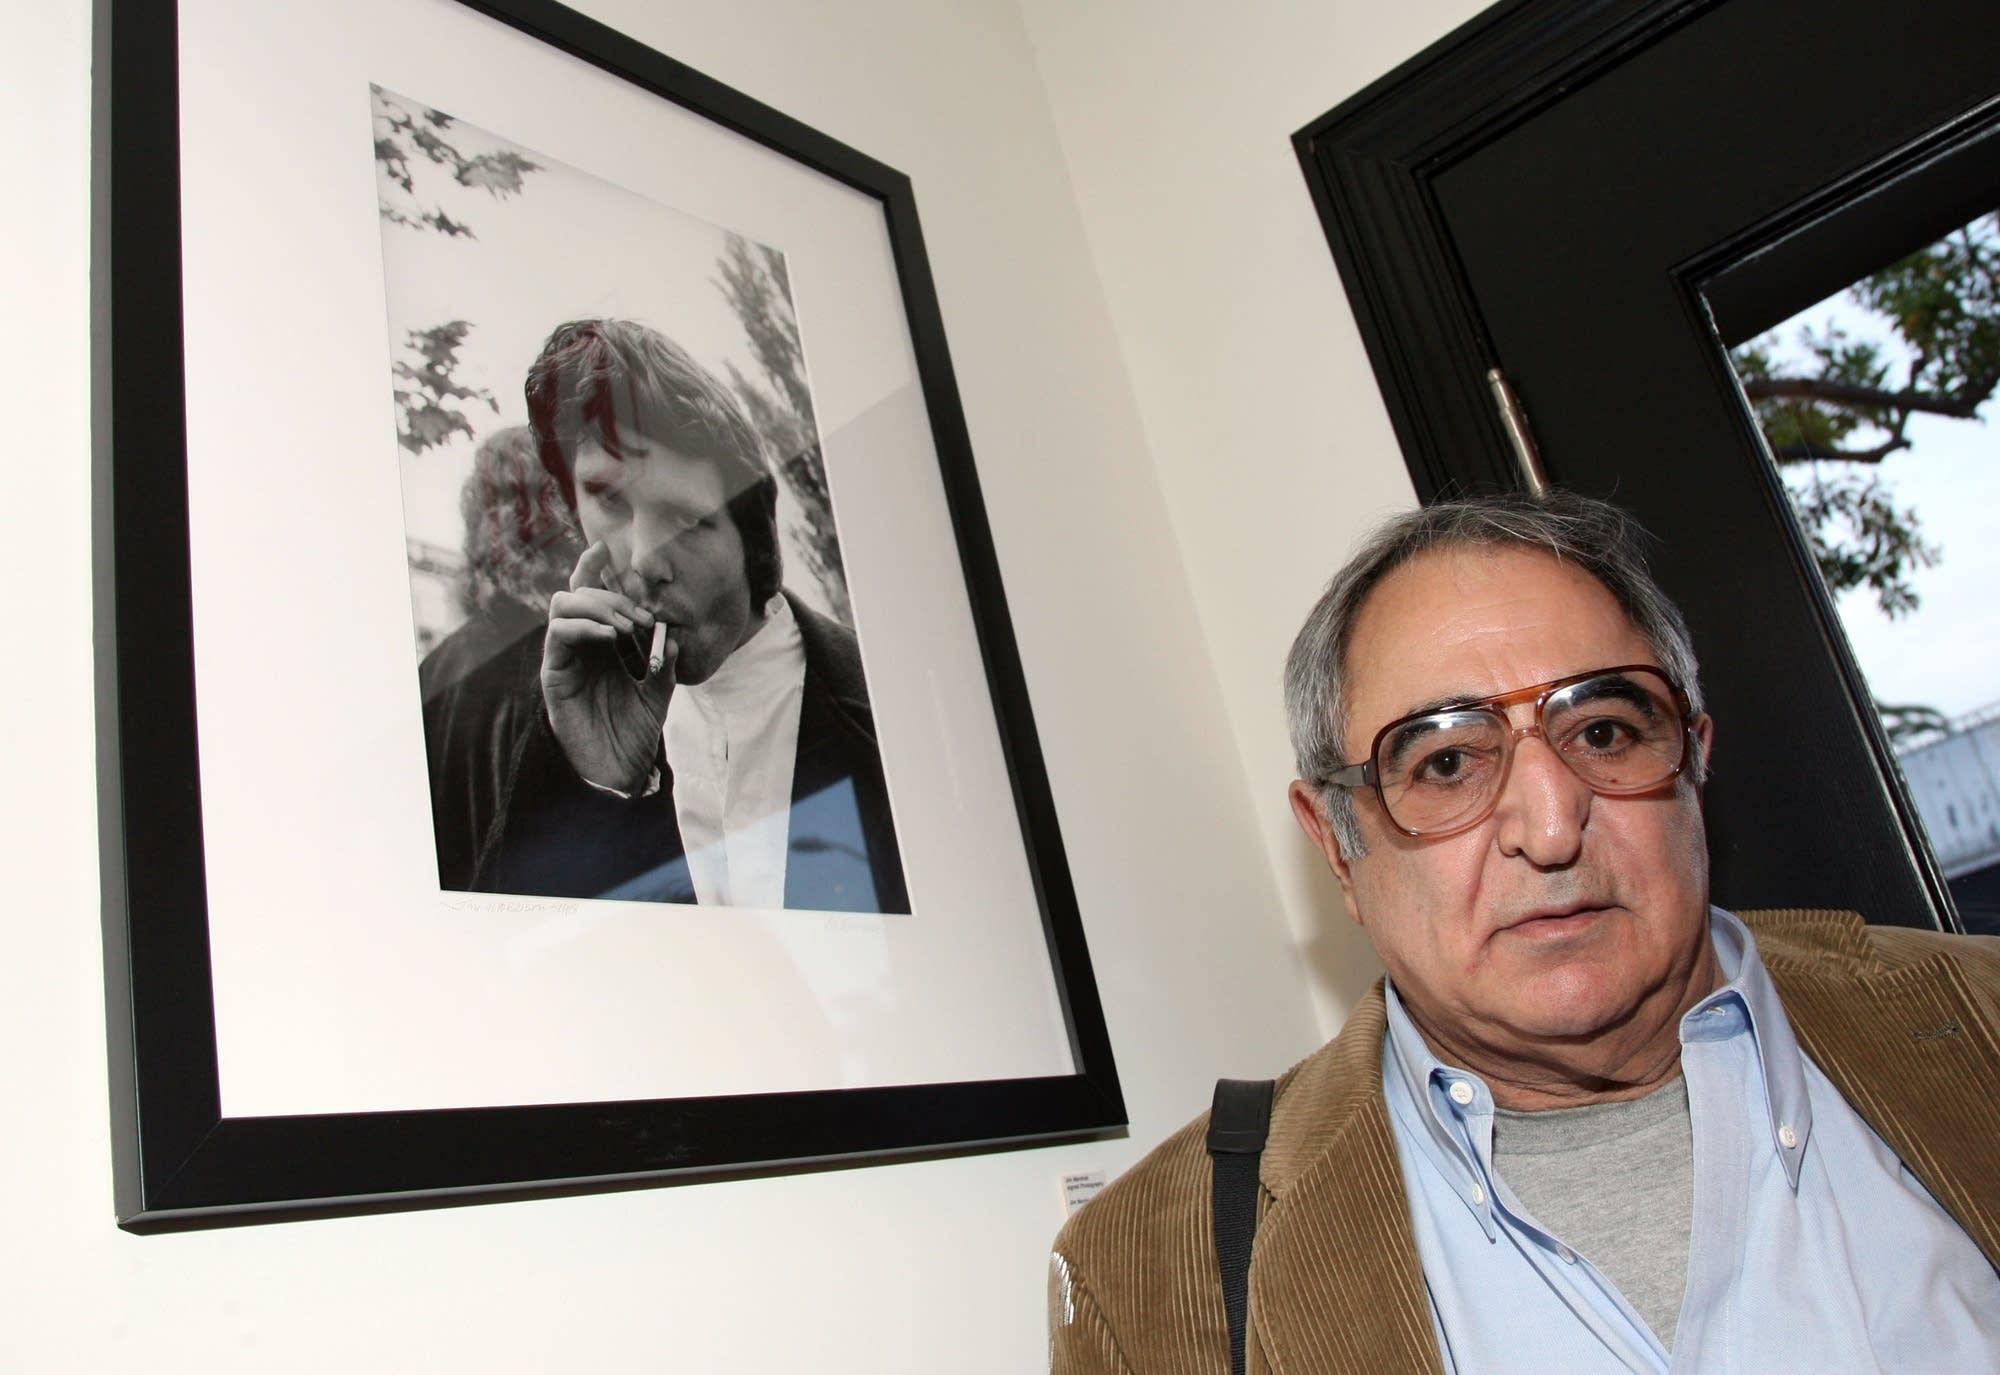 Photographer Jim Marshall poses with his photo 'Jim Morrison Smoking'